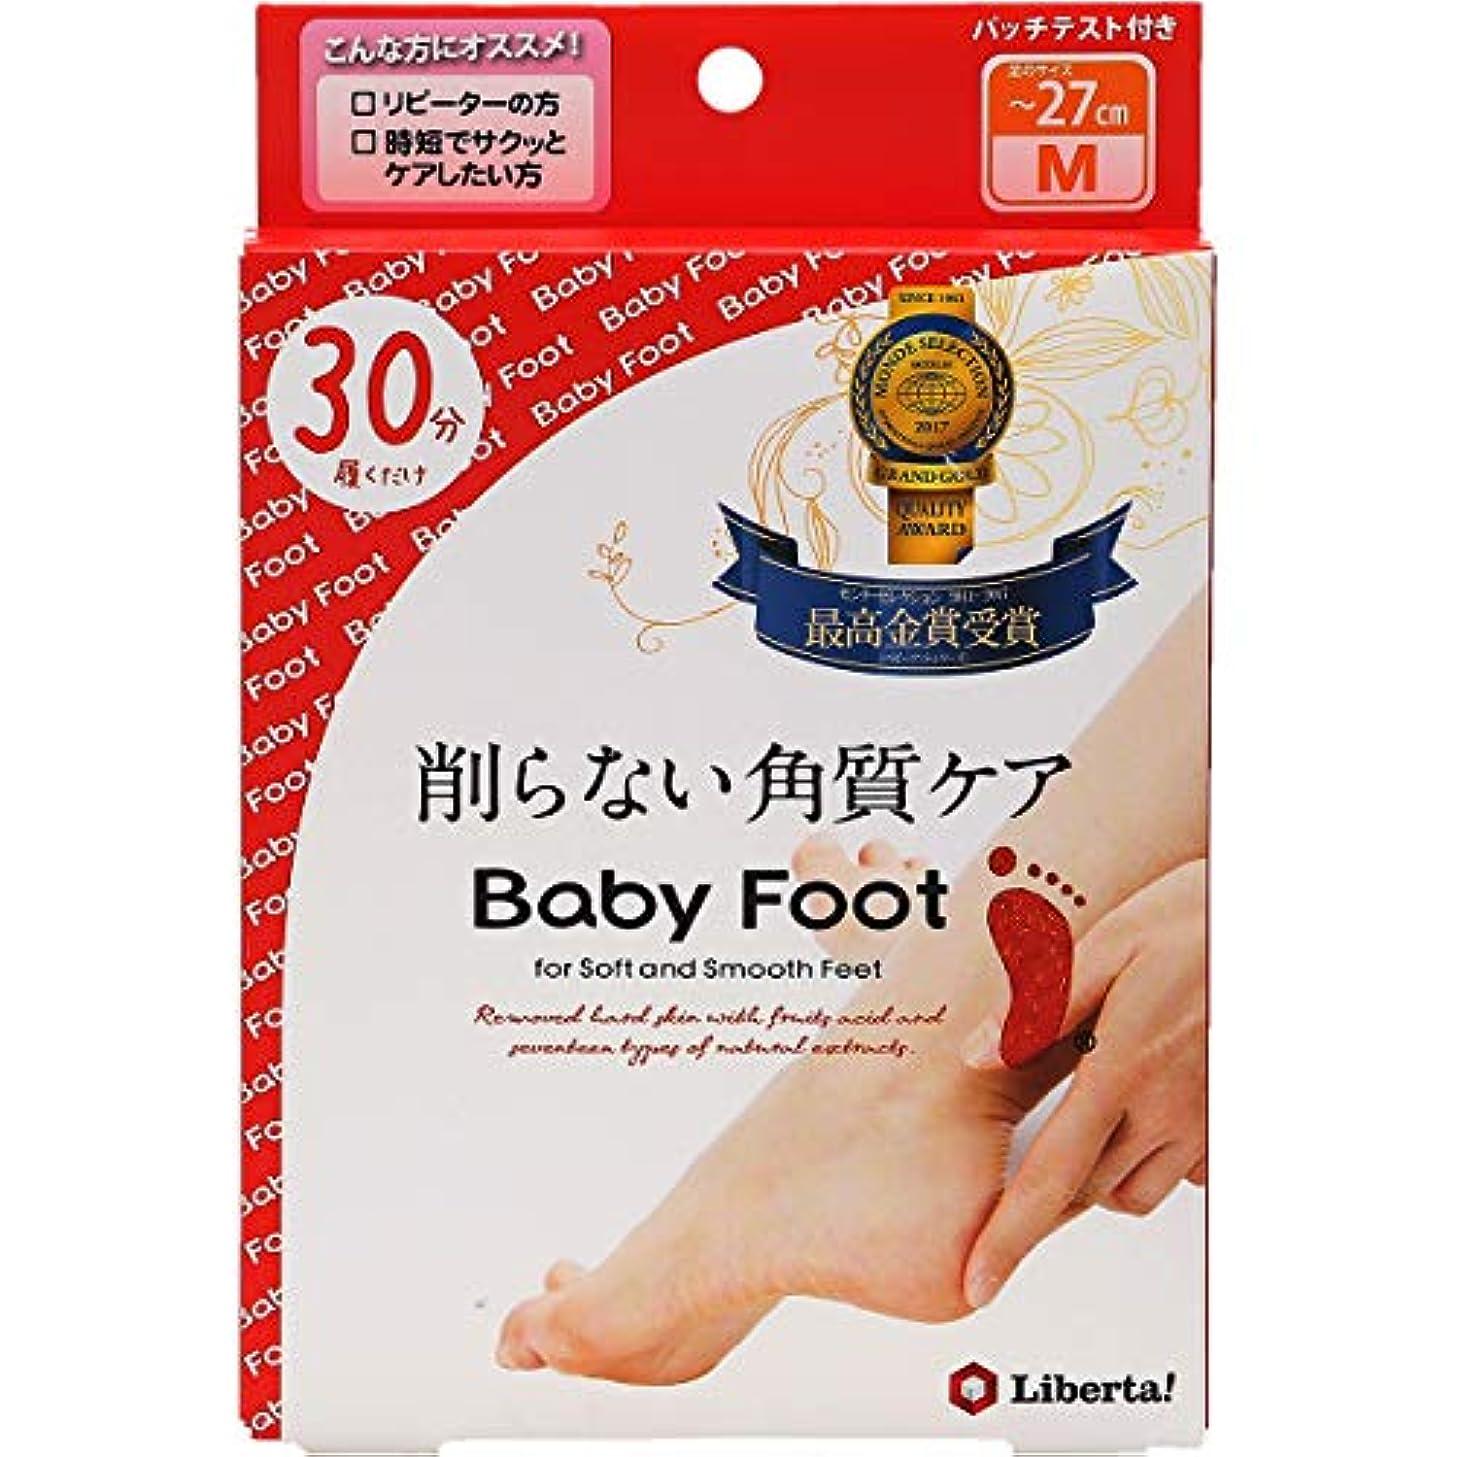 赤ちゃんアシストクールベビーフット (Baby Foot) ベビーフット イージーパック30分タイプ Mサイズ 単品